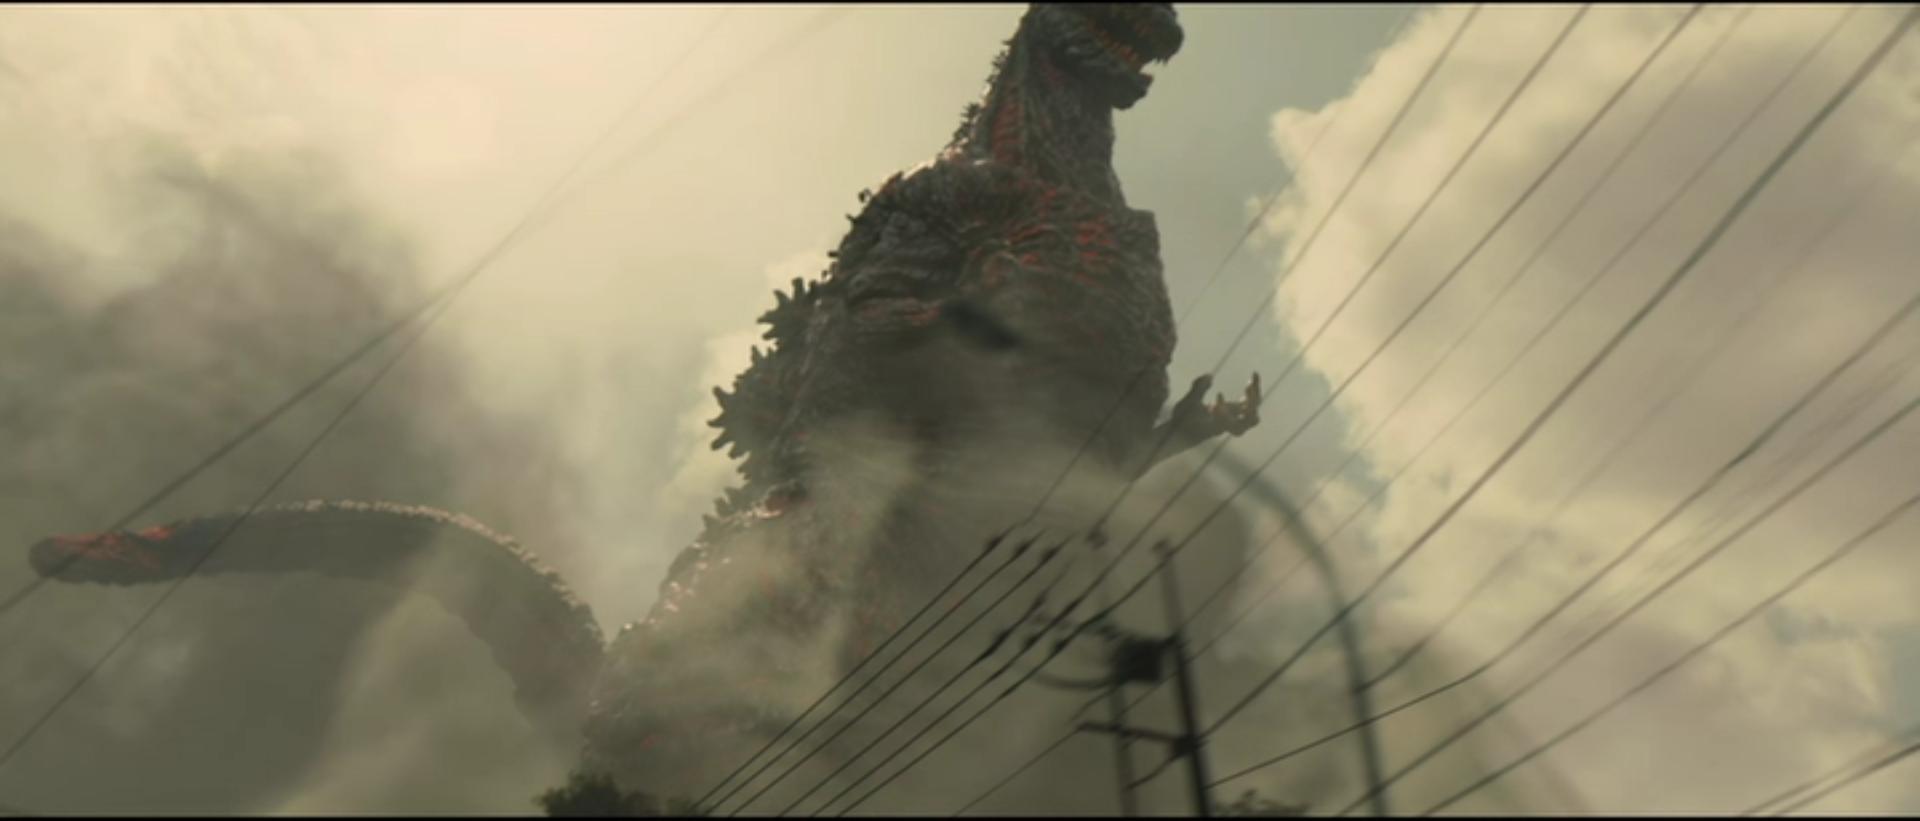 Big, bad Godzilla